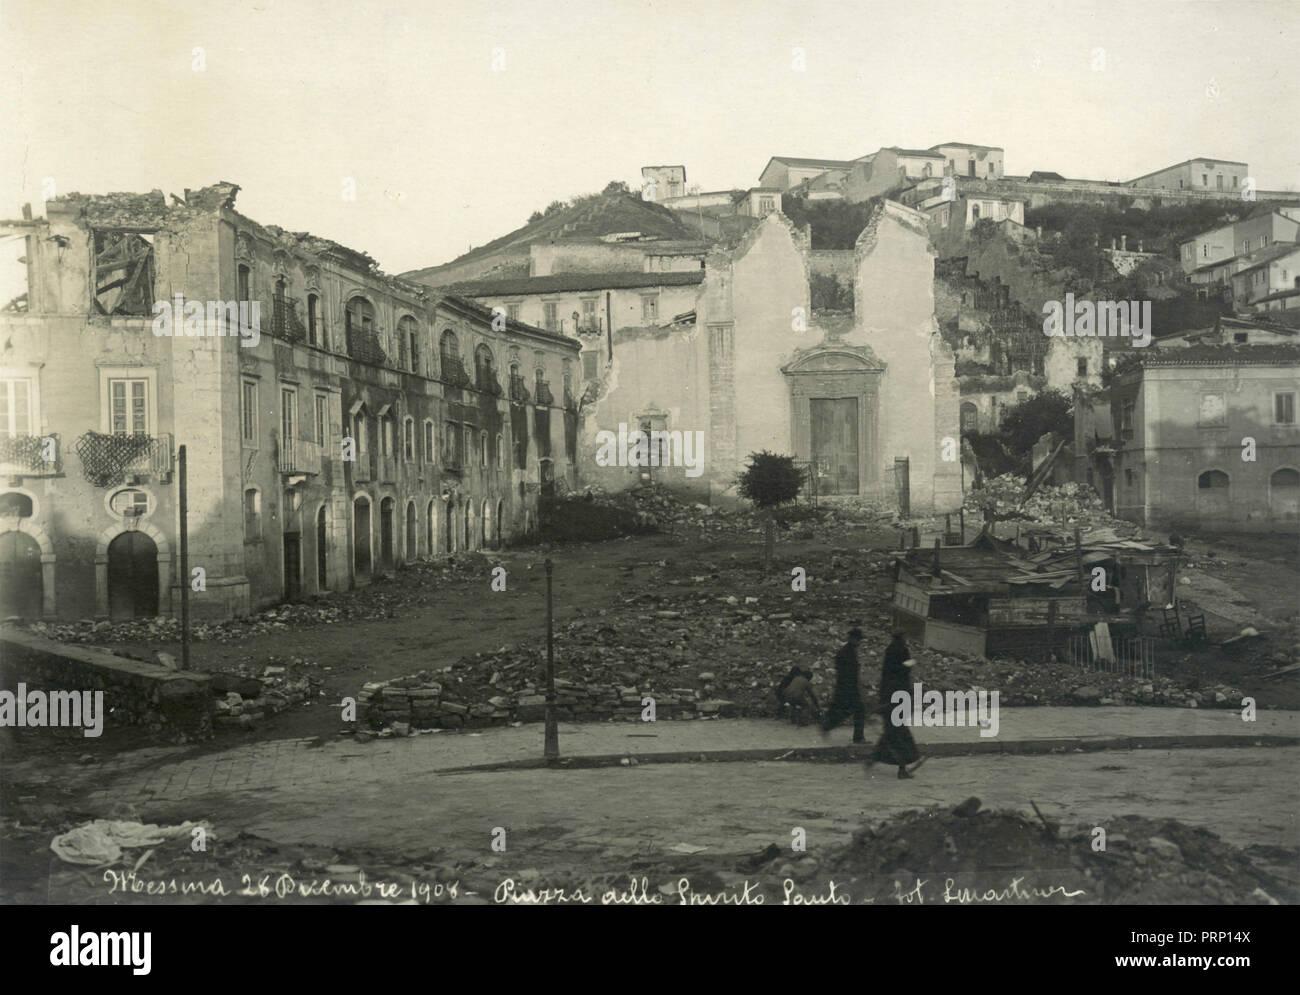 Piazza dello Spirito Santo after the heartquake, Messina, Italy 1908 - Stock Image